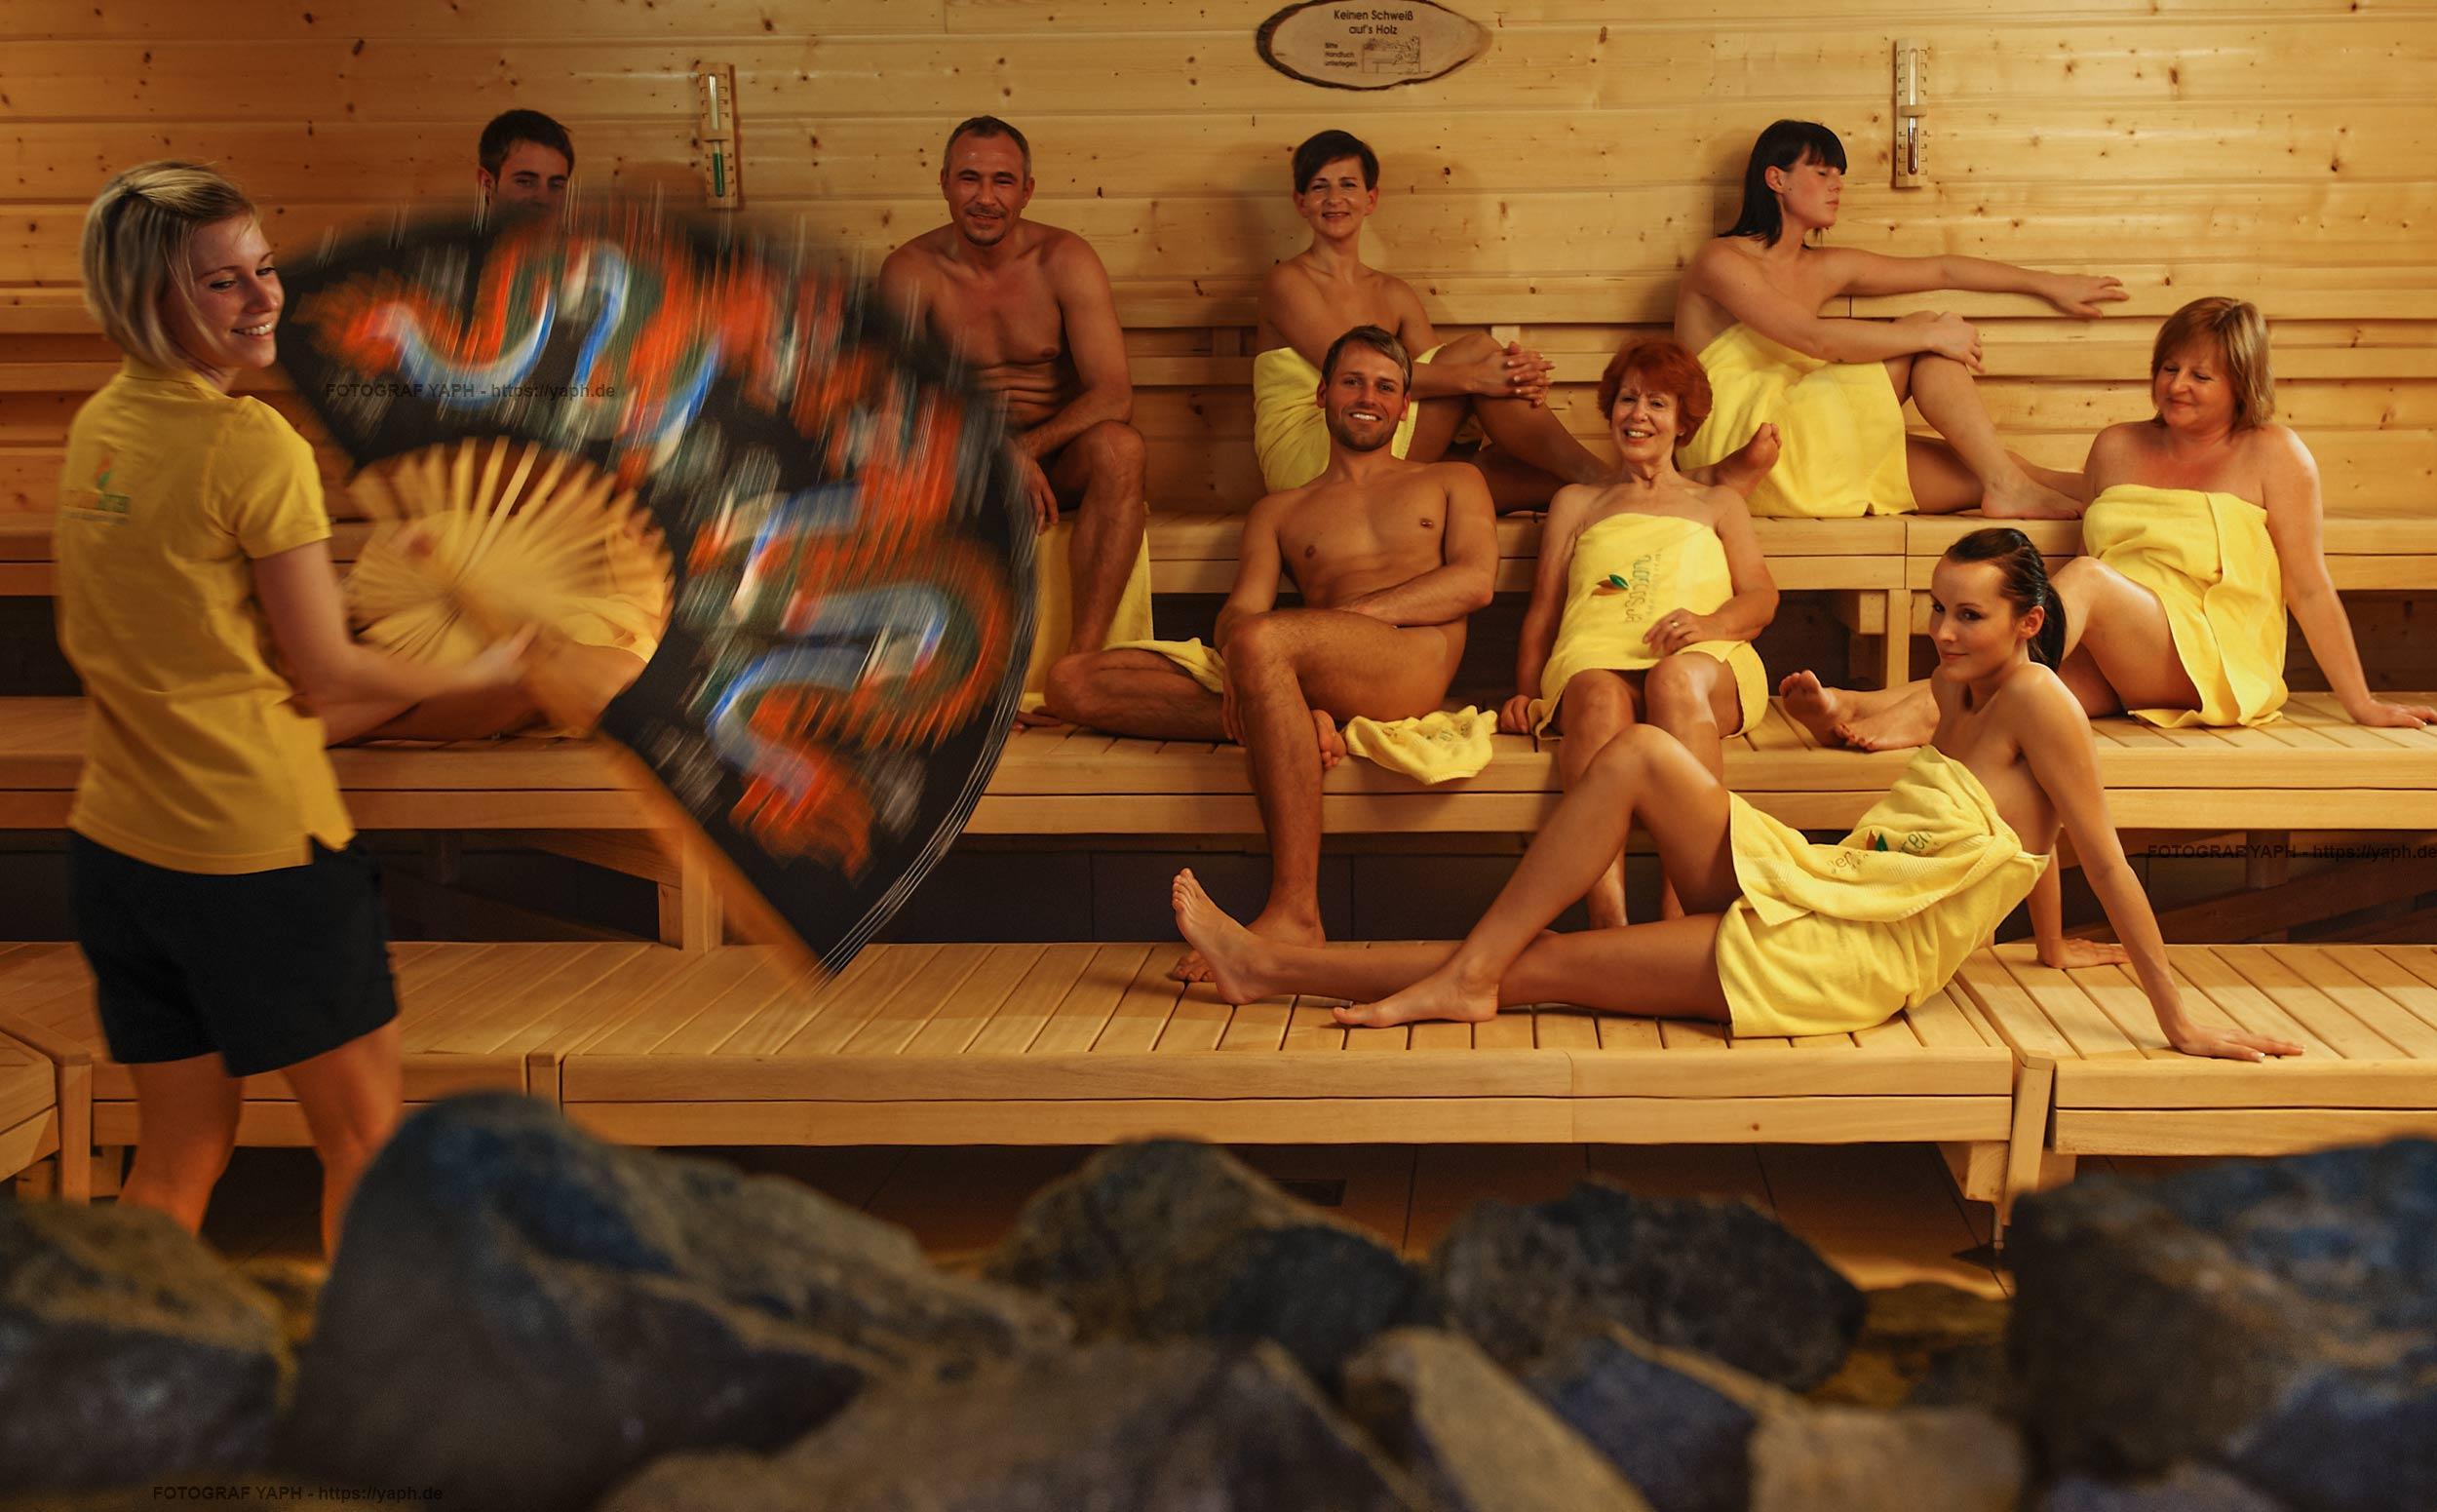 Werbefotografie für das Bad Trier Kaiserthermen